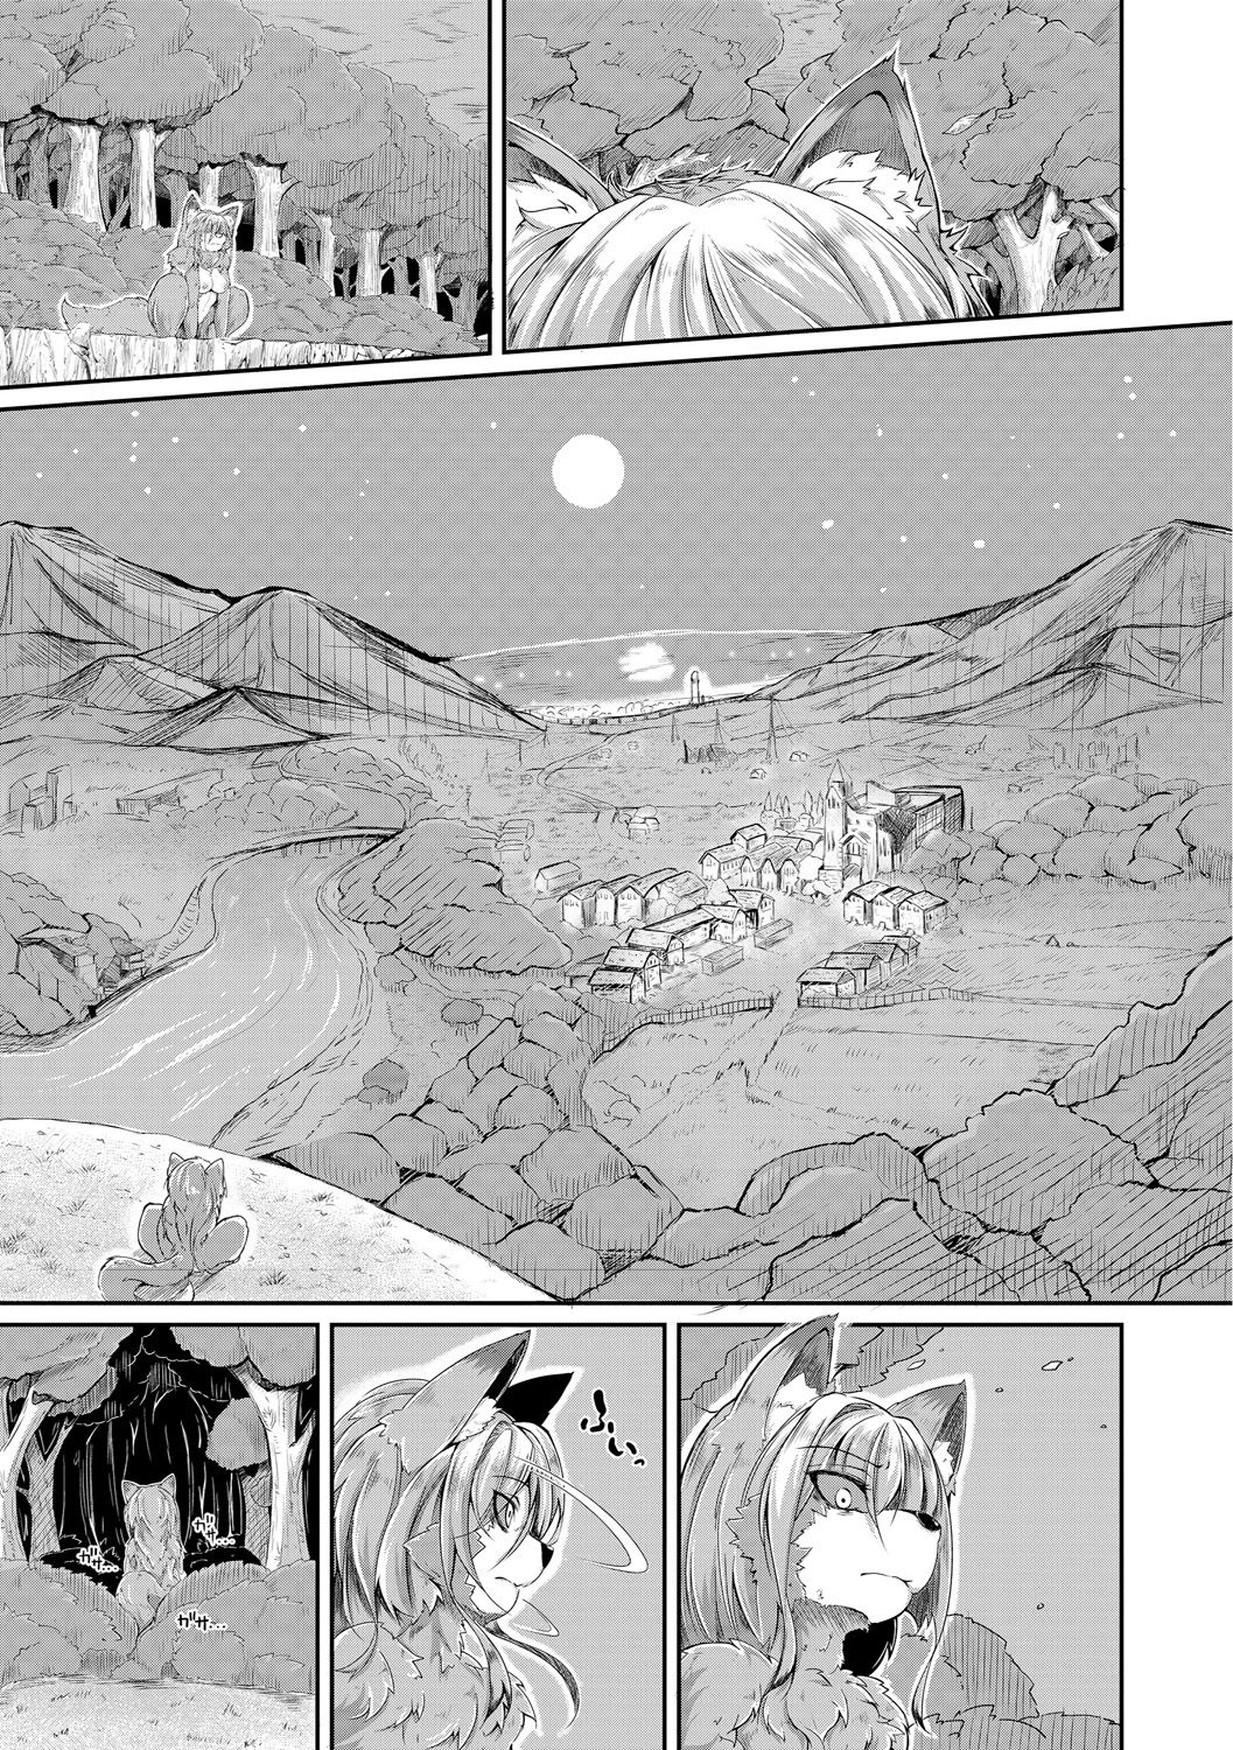 【エロ漫画】獣娘と人間が孕むまで異種姦して最後の一滴まで搾りとられちゃうwww【無料 エロ同人誌】 (3)